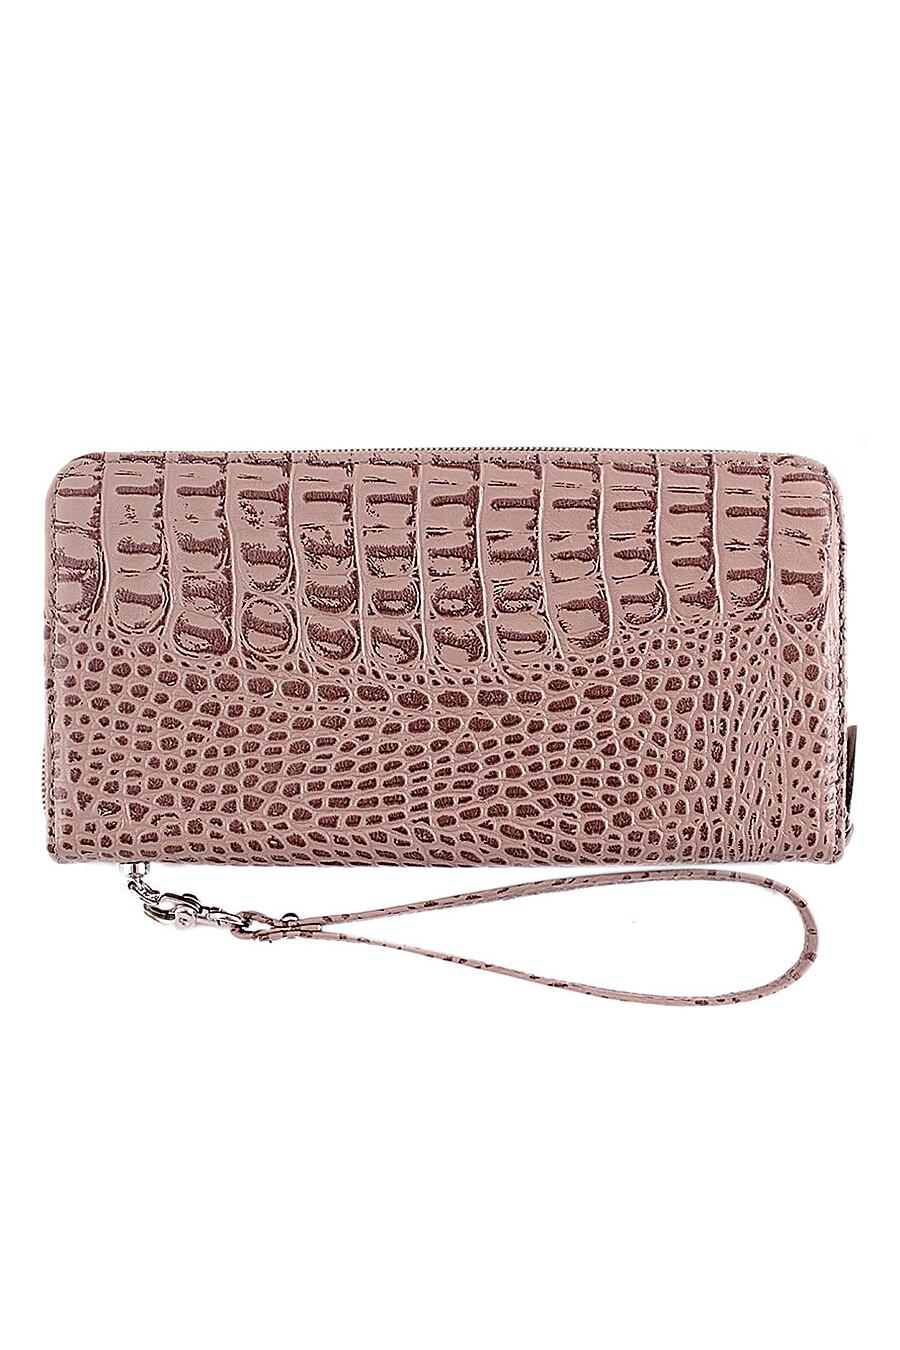 Кошелек для женщин L-CRAFT 668272 купить оптом от производителя. Совместная покупка женской одежды в OptMoyo